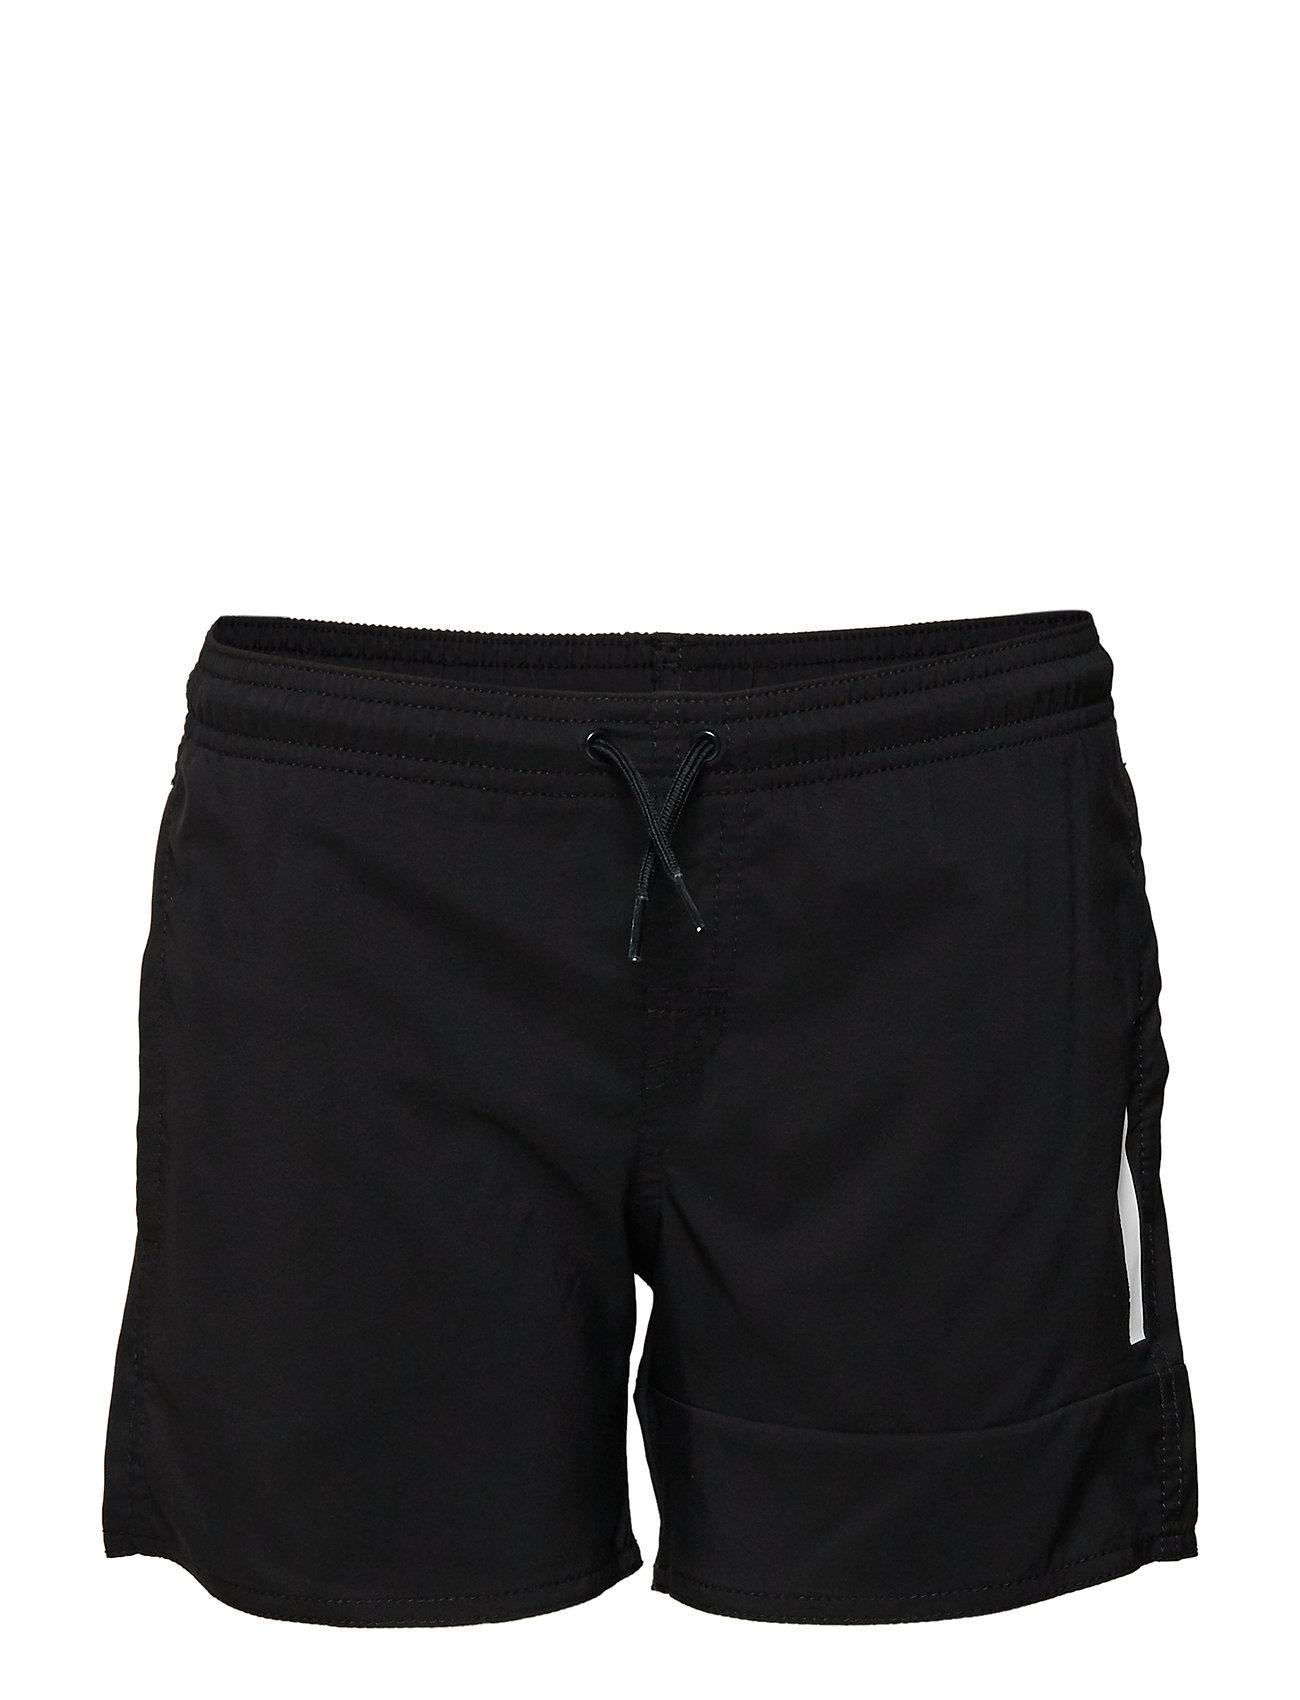 adidas Performance YB BOS SH SL - BLACK/WHITE